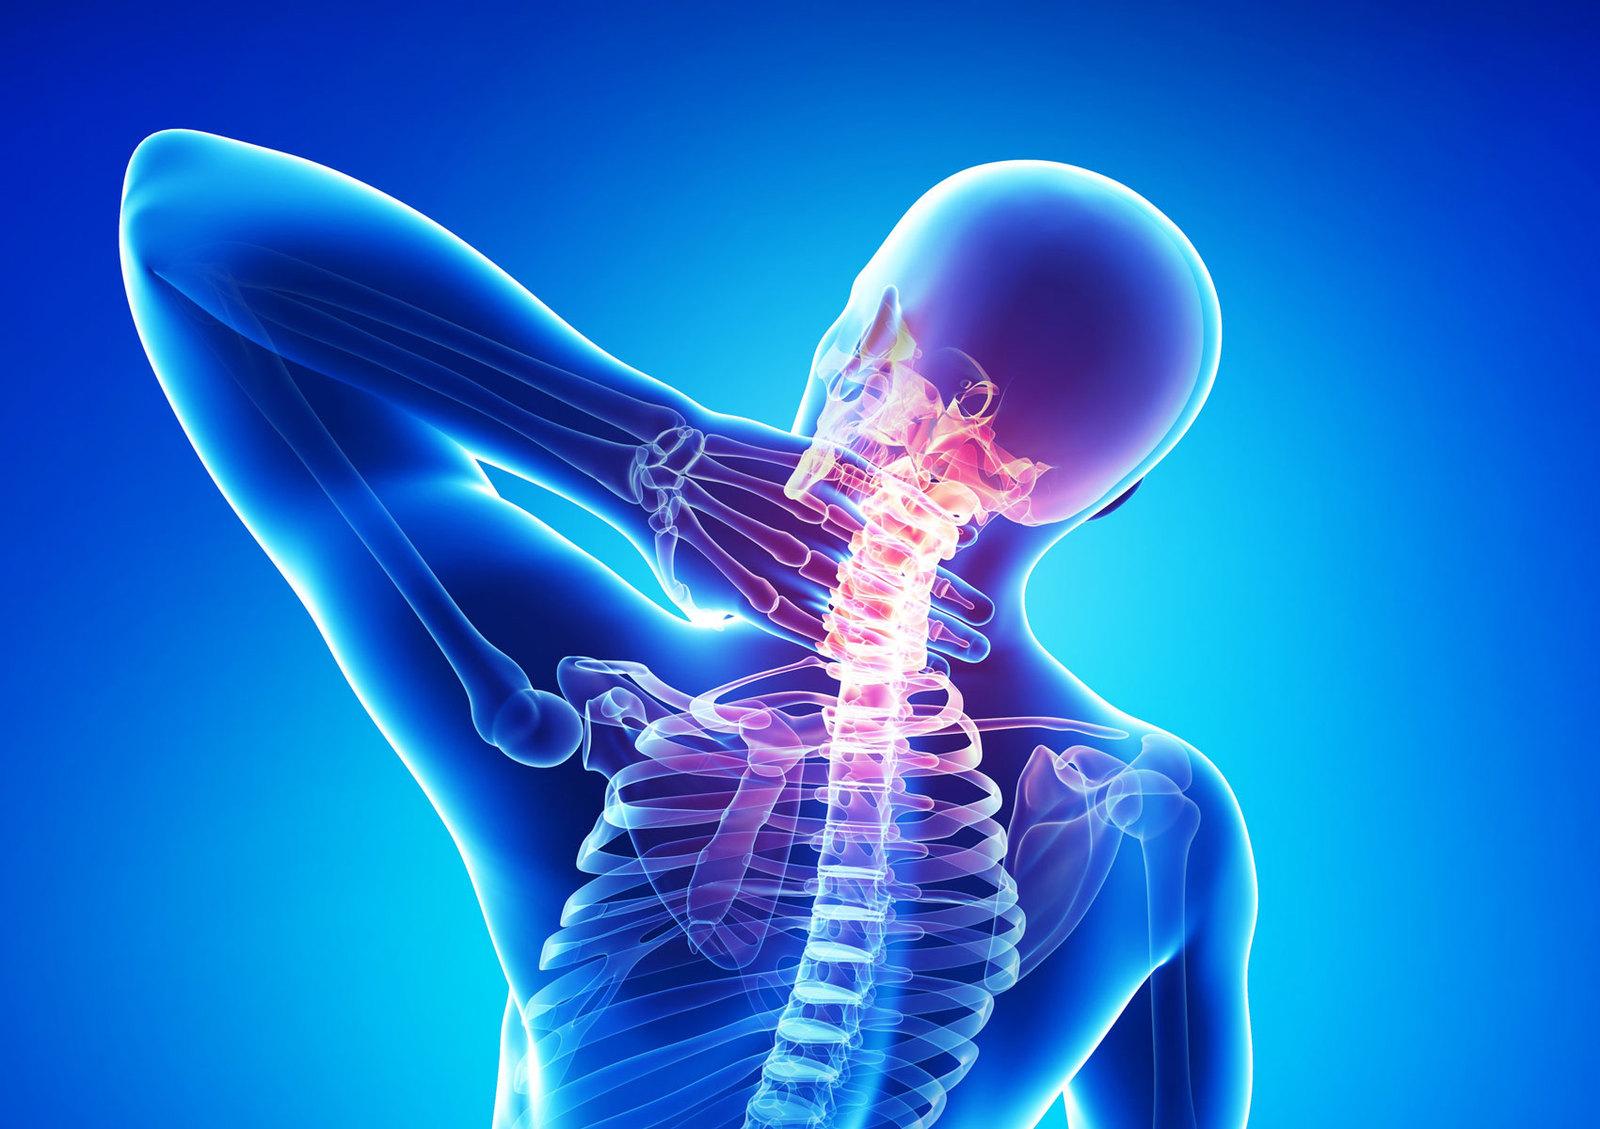 ничем обижая, массаж во время обострения остеохондроза появился ато